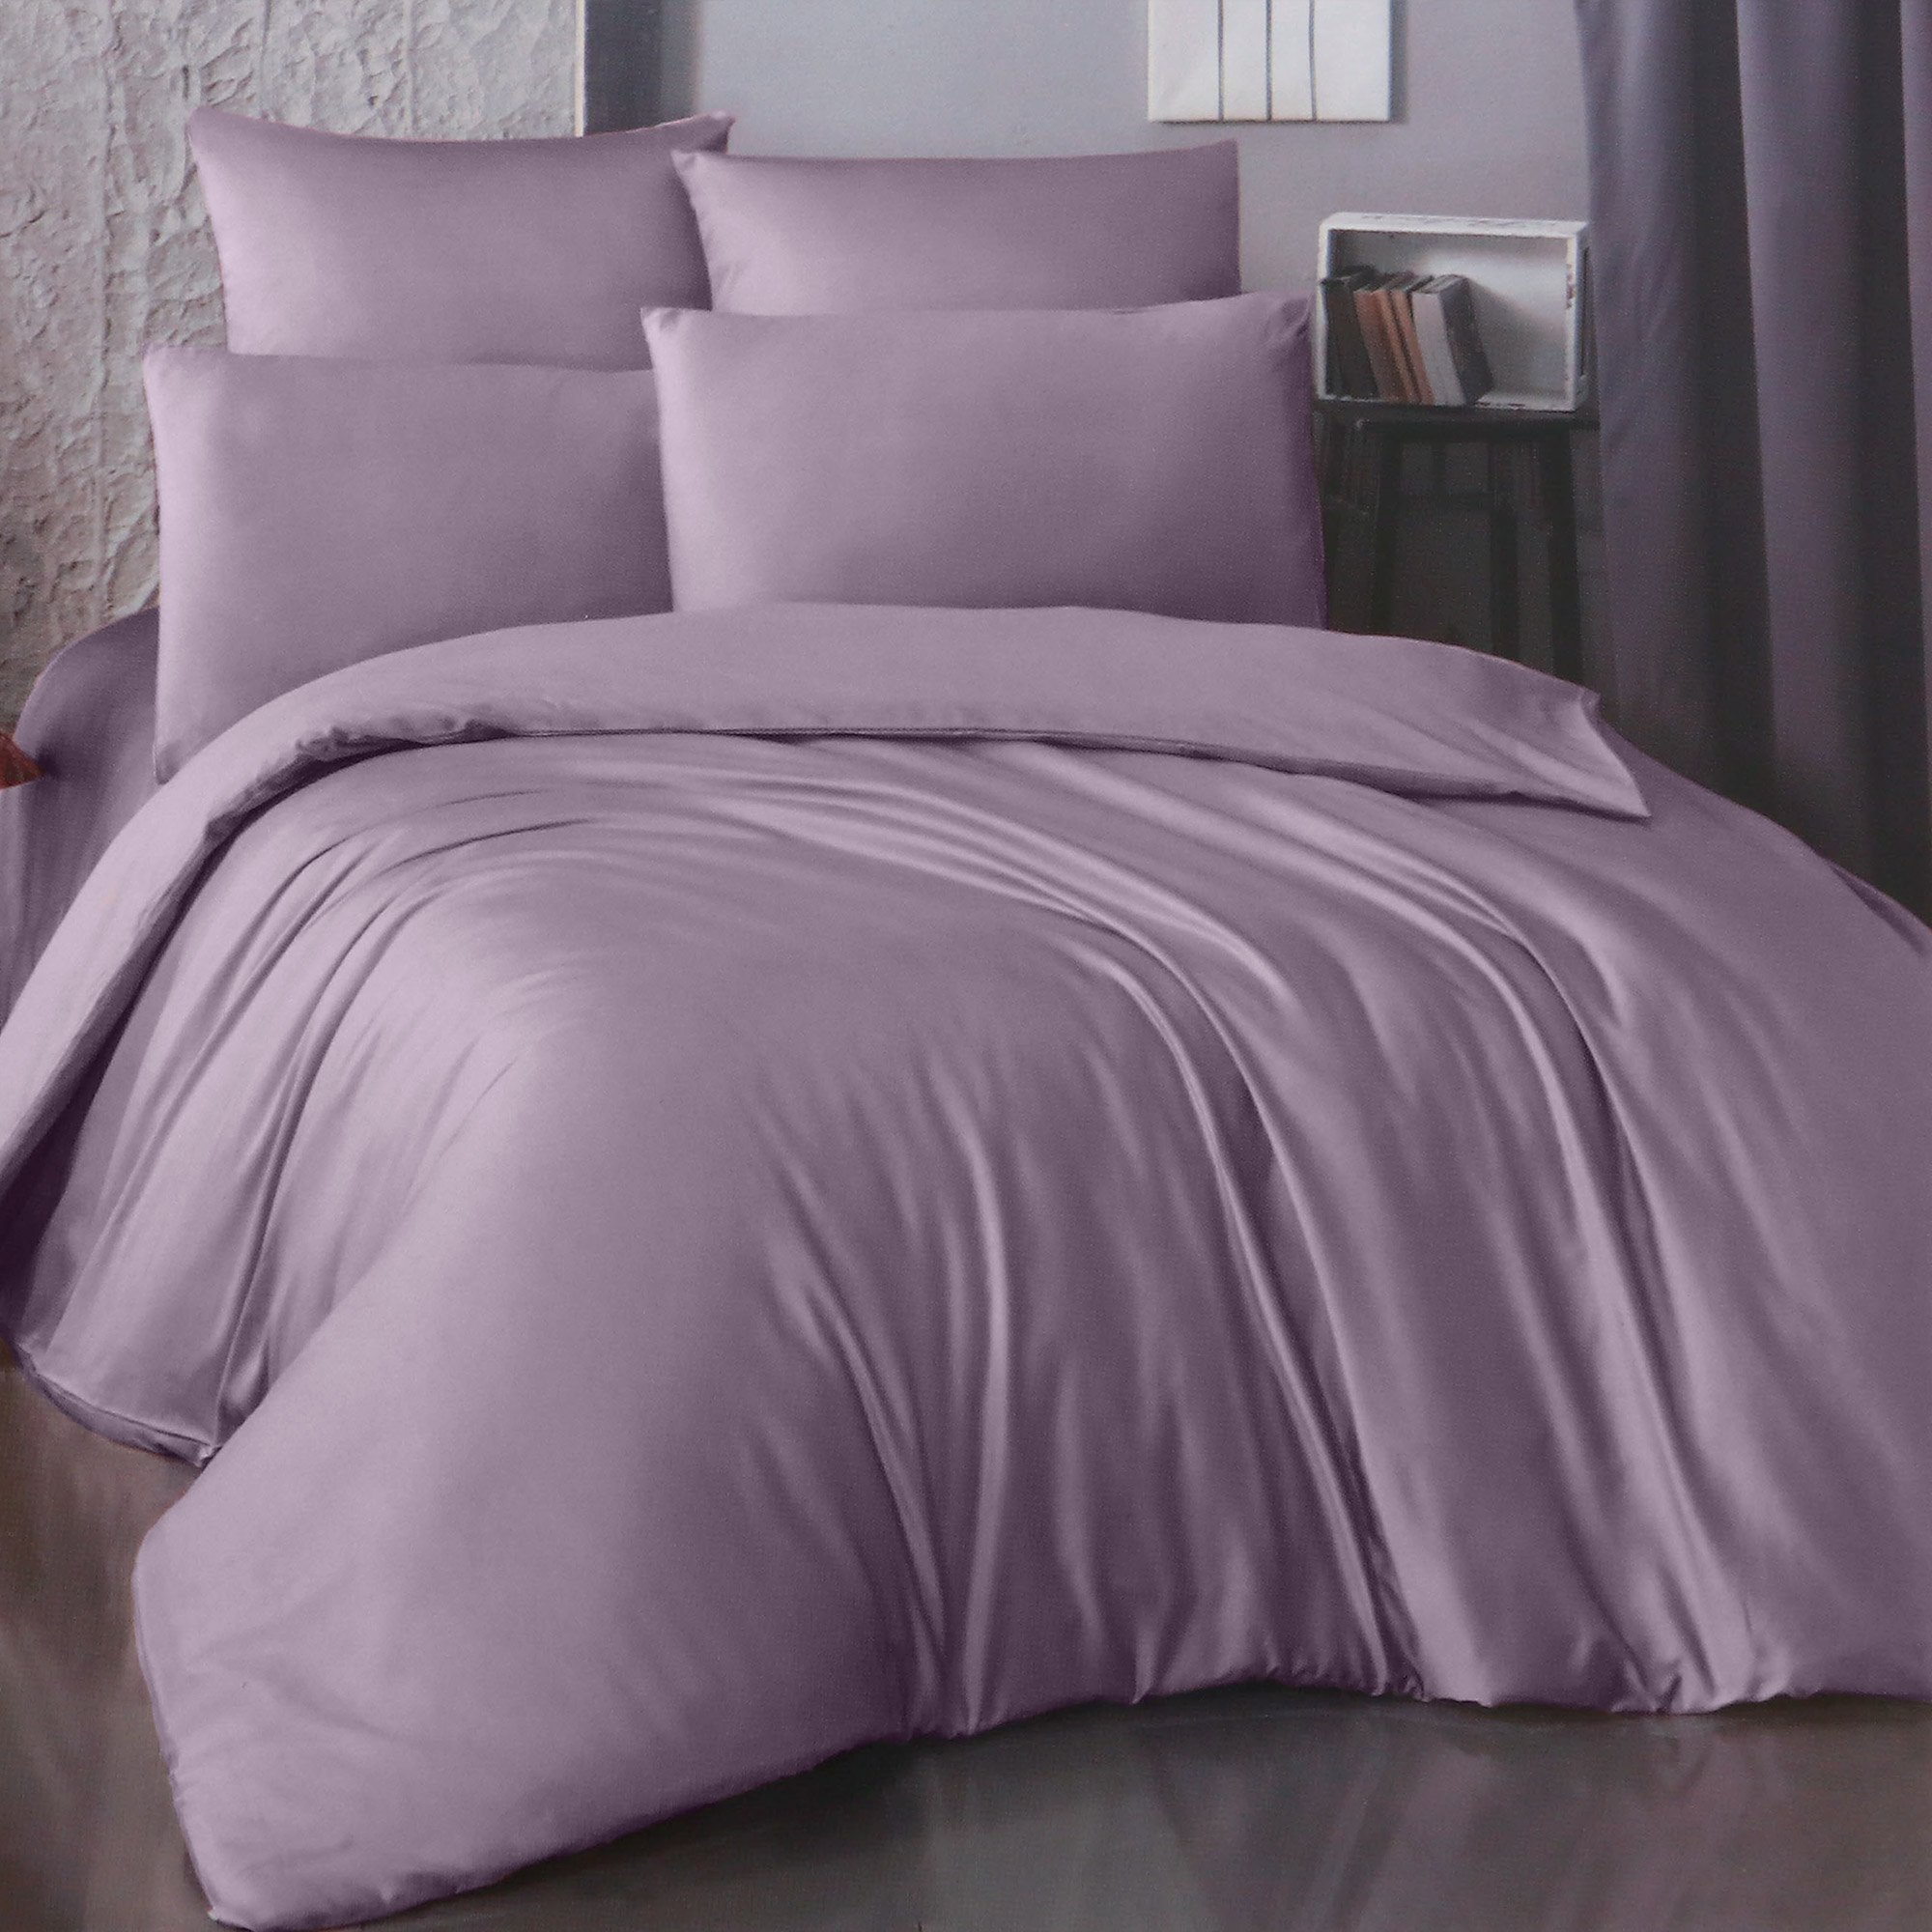 Фото - Комплект постельного белья La Besse Ранфорс сливовый Семейный комплект постельного белья la besse ранфорс тёмно серый евро